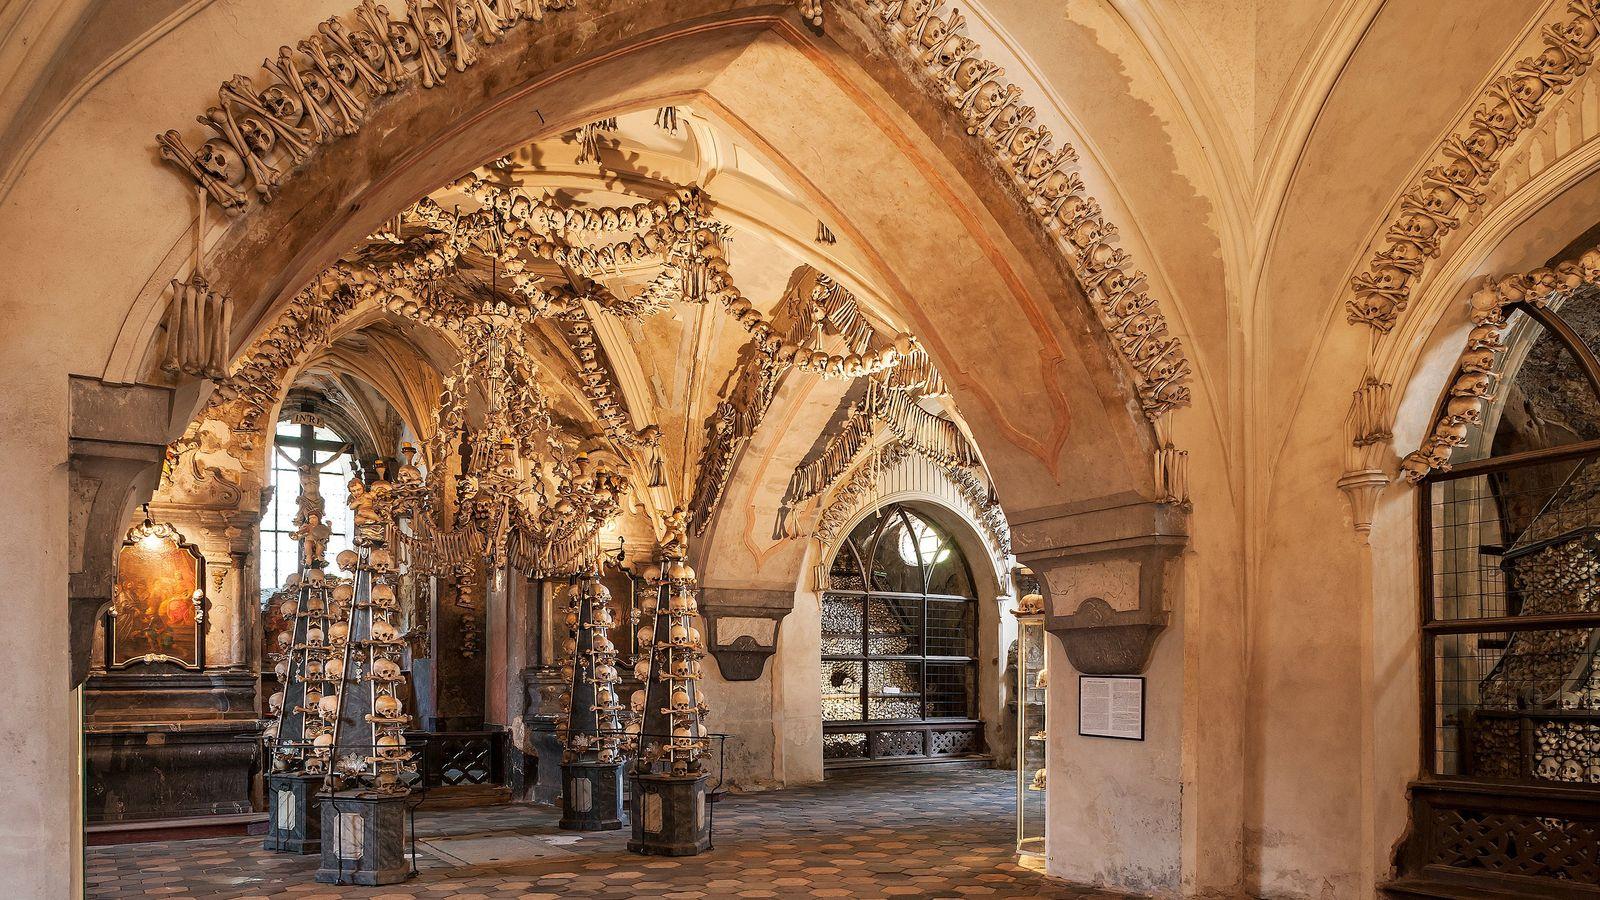 O Ossuário de Sedlec está decorado com ossos humanos